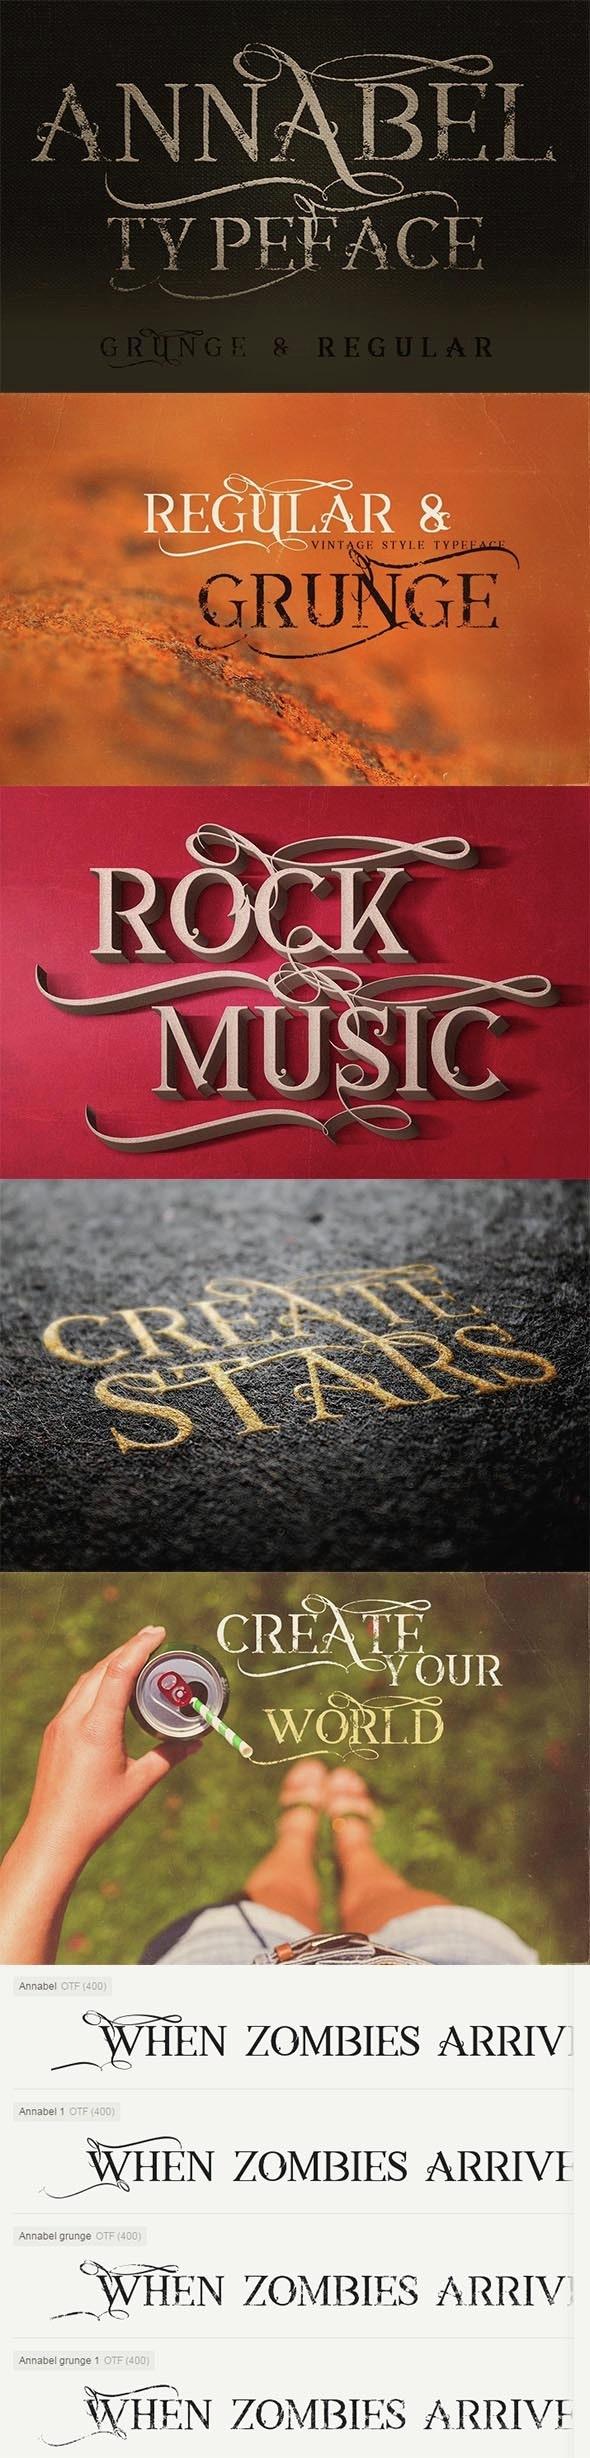 Anabel Font - Decorative Fonts